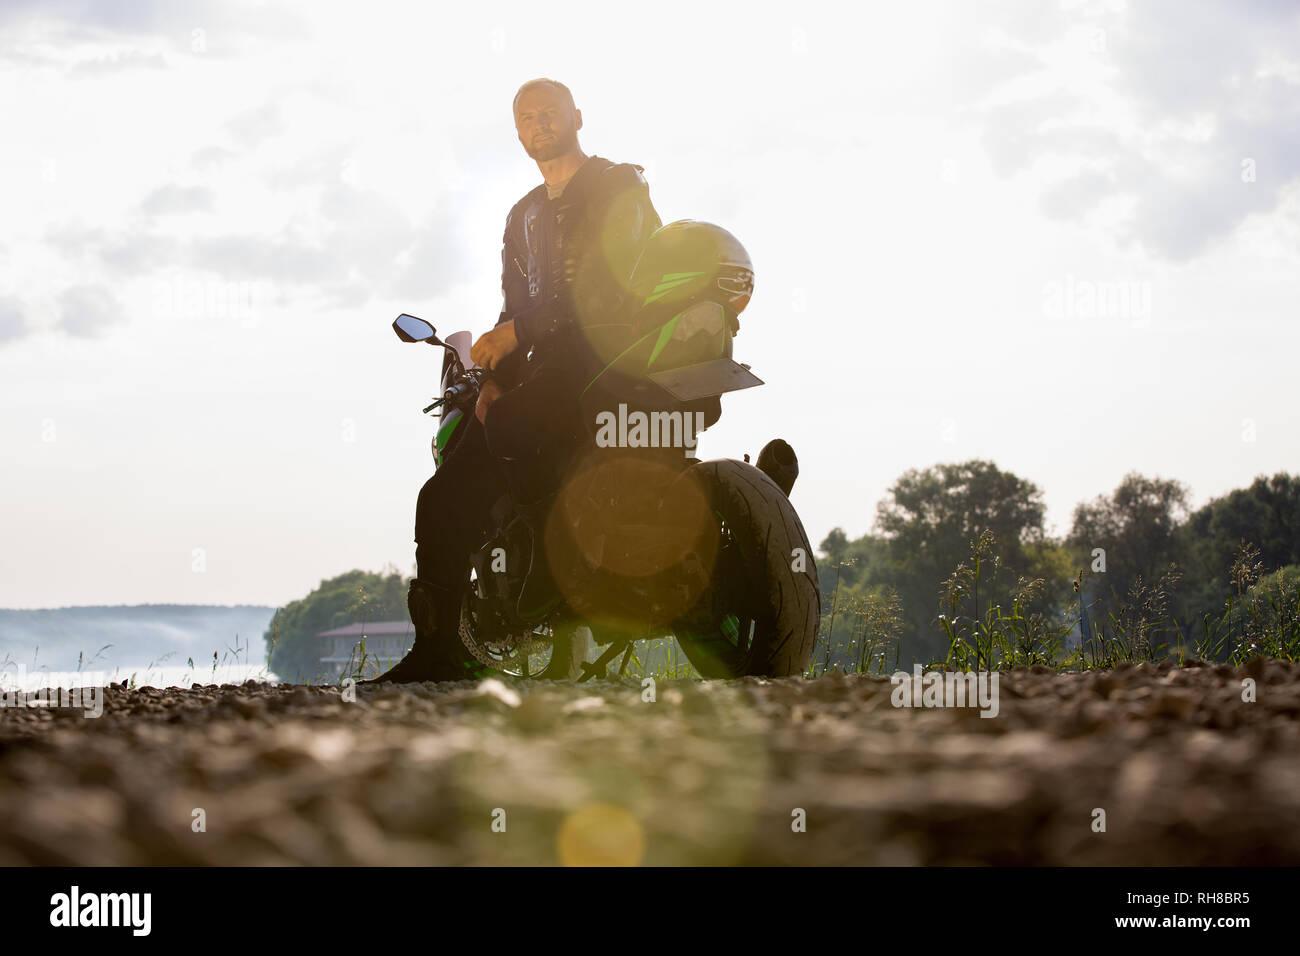 Biker hombre y la motocicleta con el río de fondo, Rider moto viaje en la calle, a la orilla del río, disfrutando de la libertad y un estilo de vida activo. Foto de stock